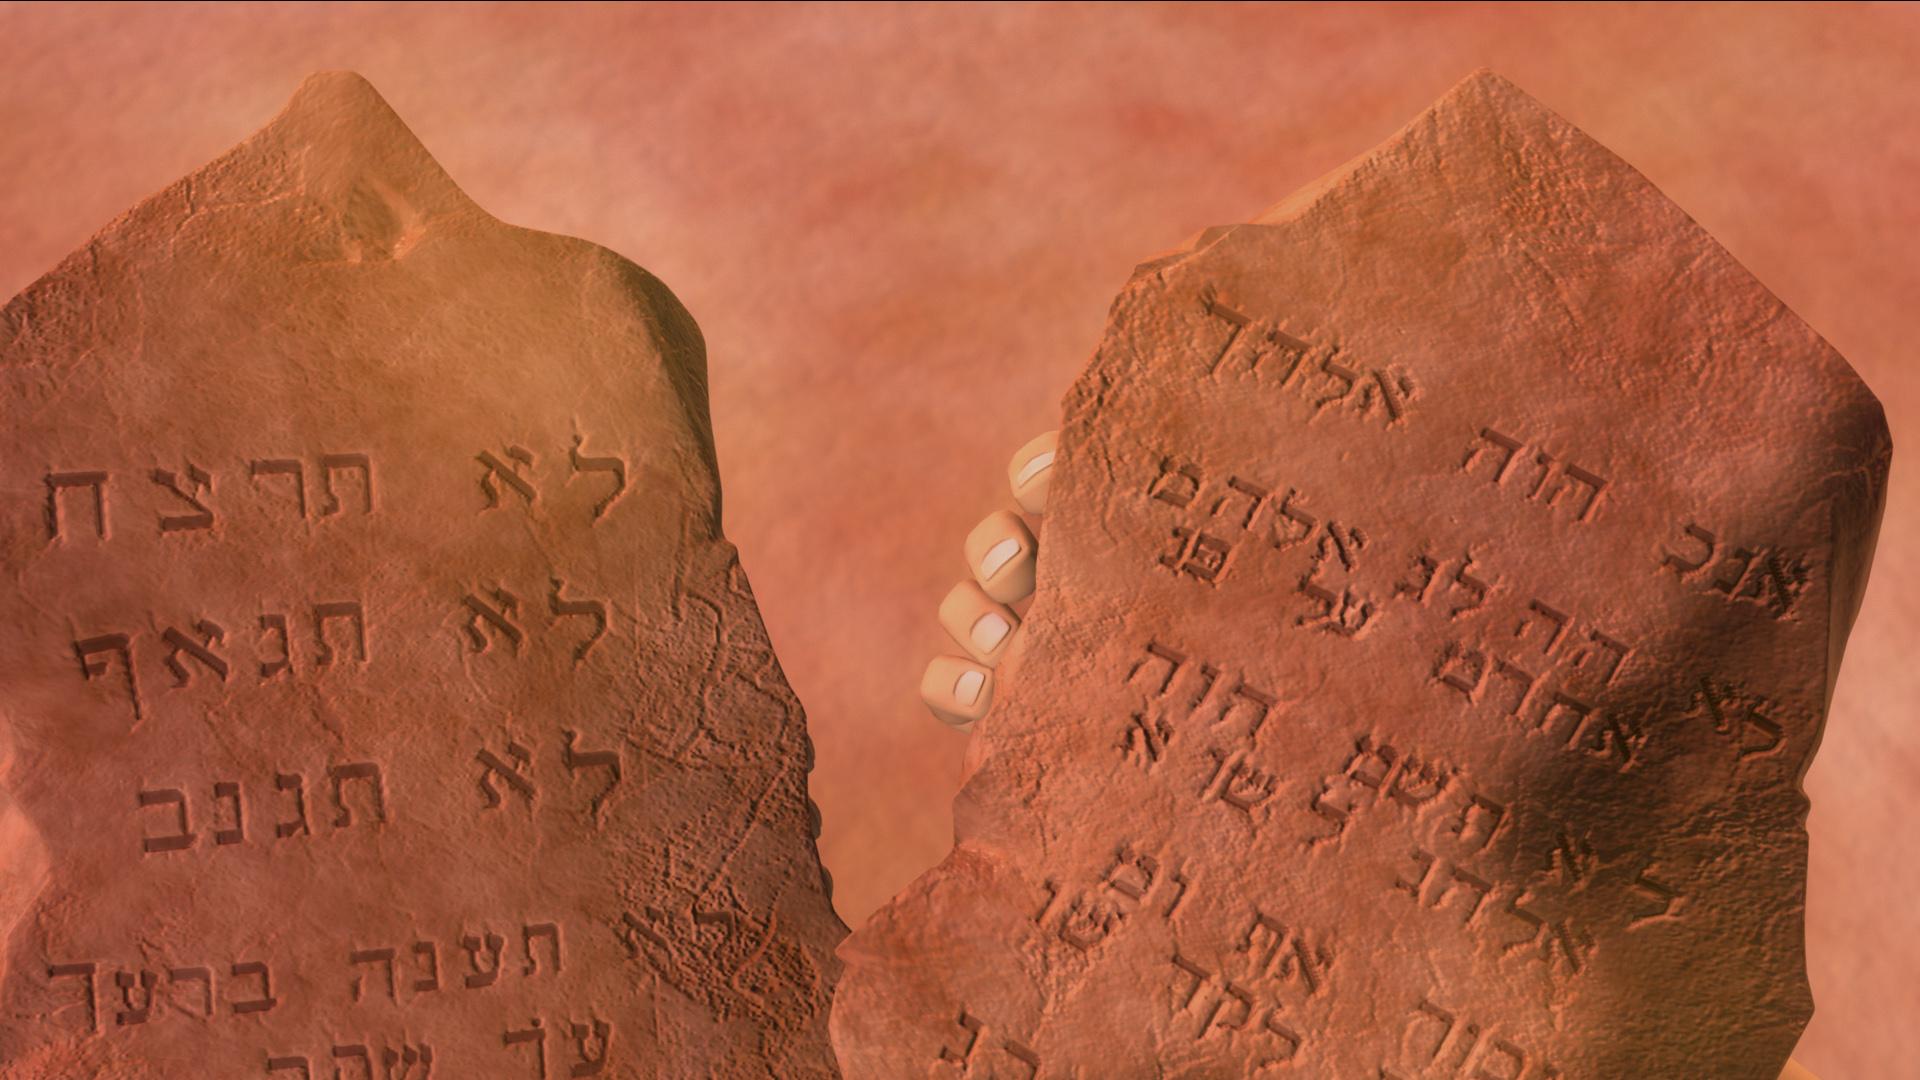 Die zehn Gebote - Moses und das Geheimnis der steinernen Tafeln ...